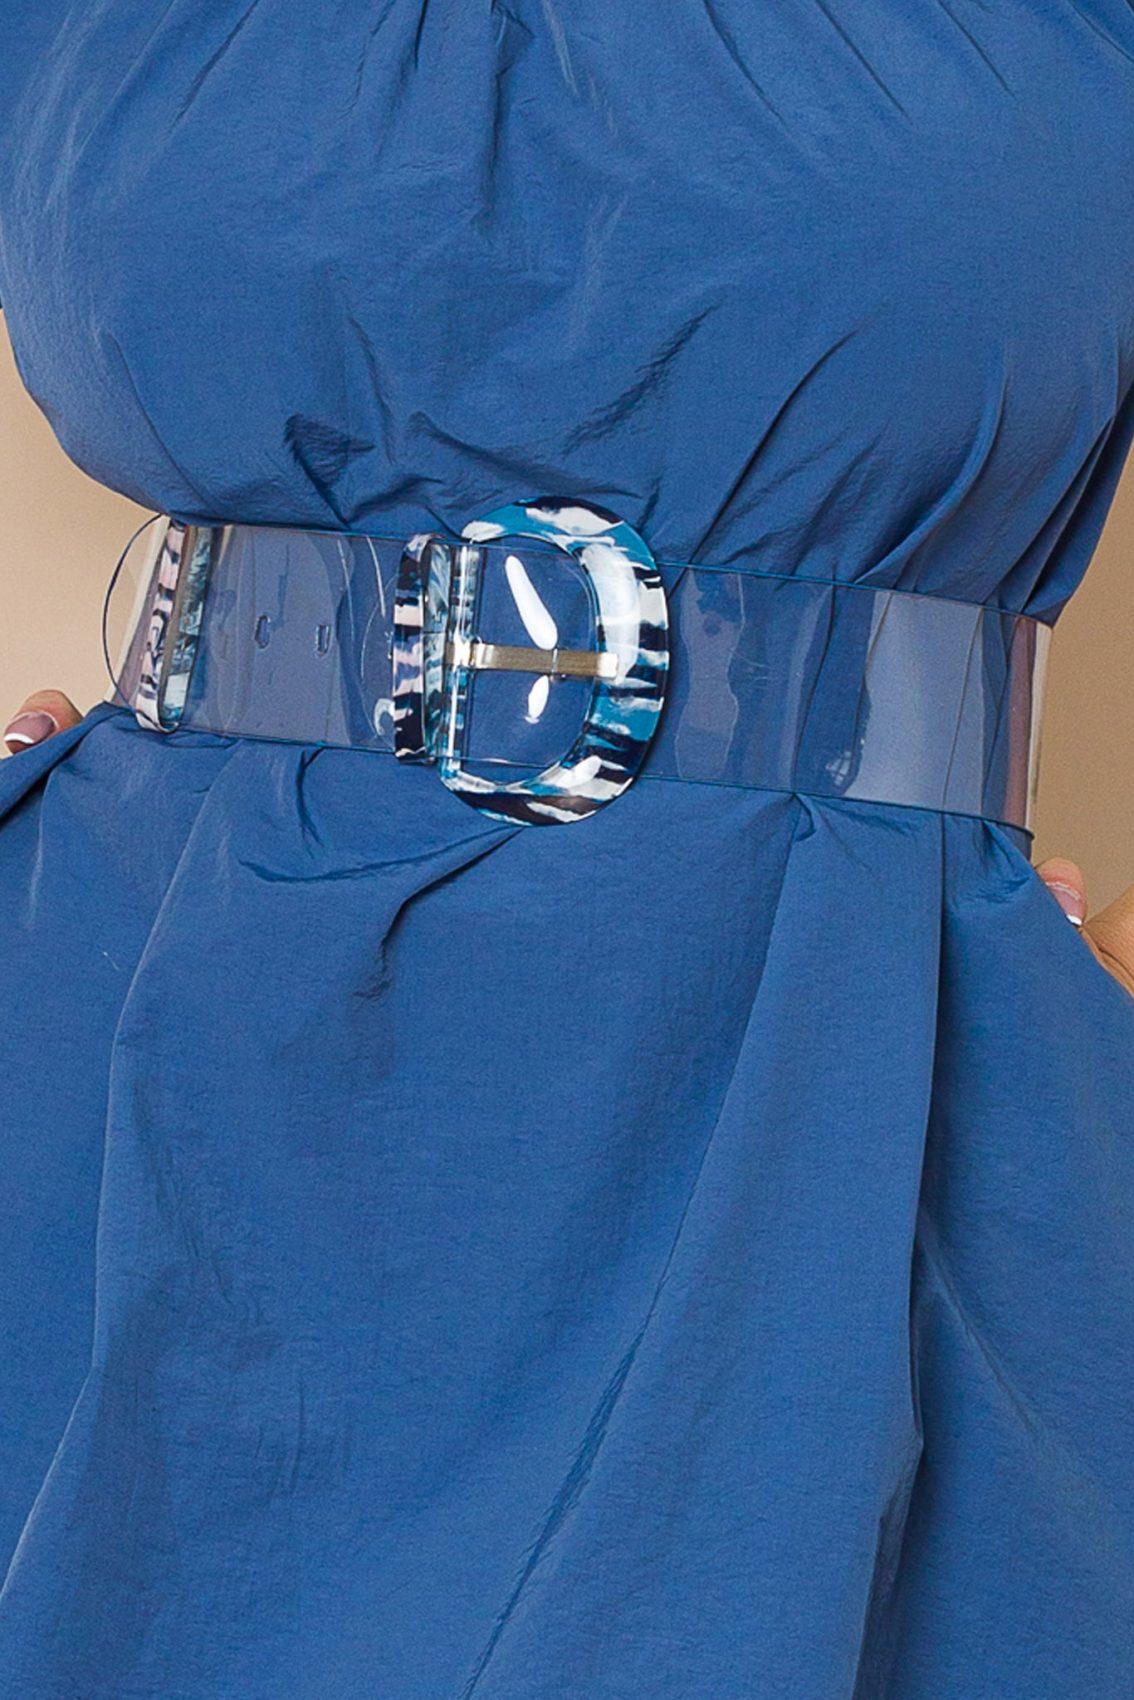 Μπλε Φόρεμα Με Φουσκωτά Μανίκια Larya A119 3